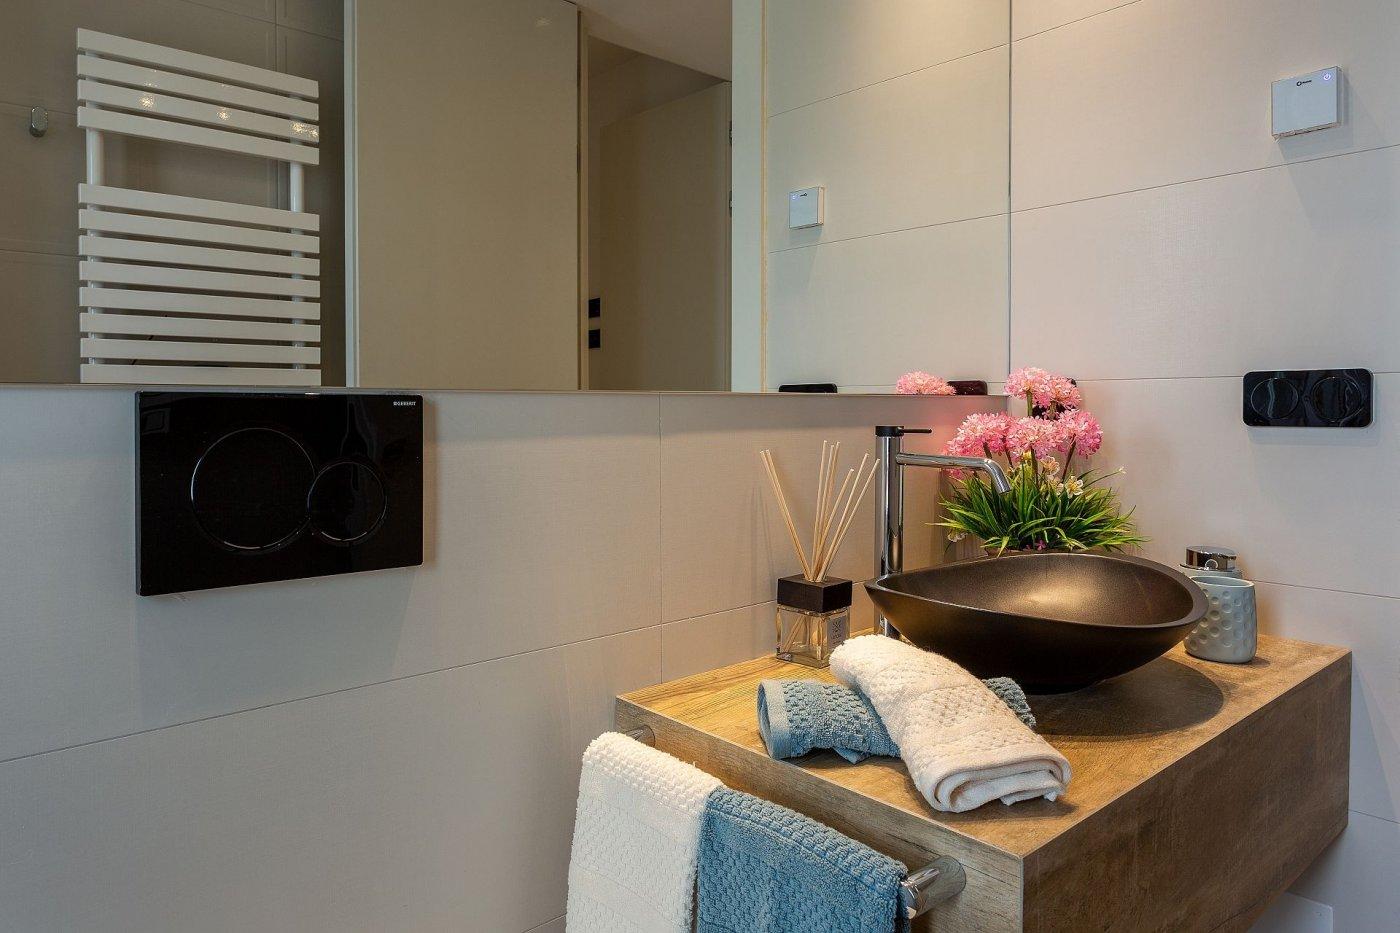 Complejo residencial de obra nueva en punta prima - imagenInmueble18